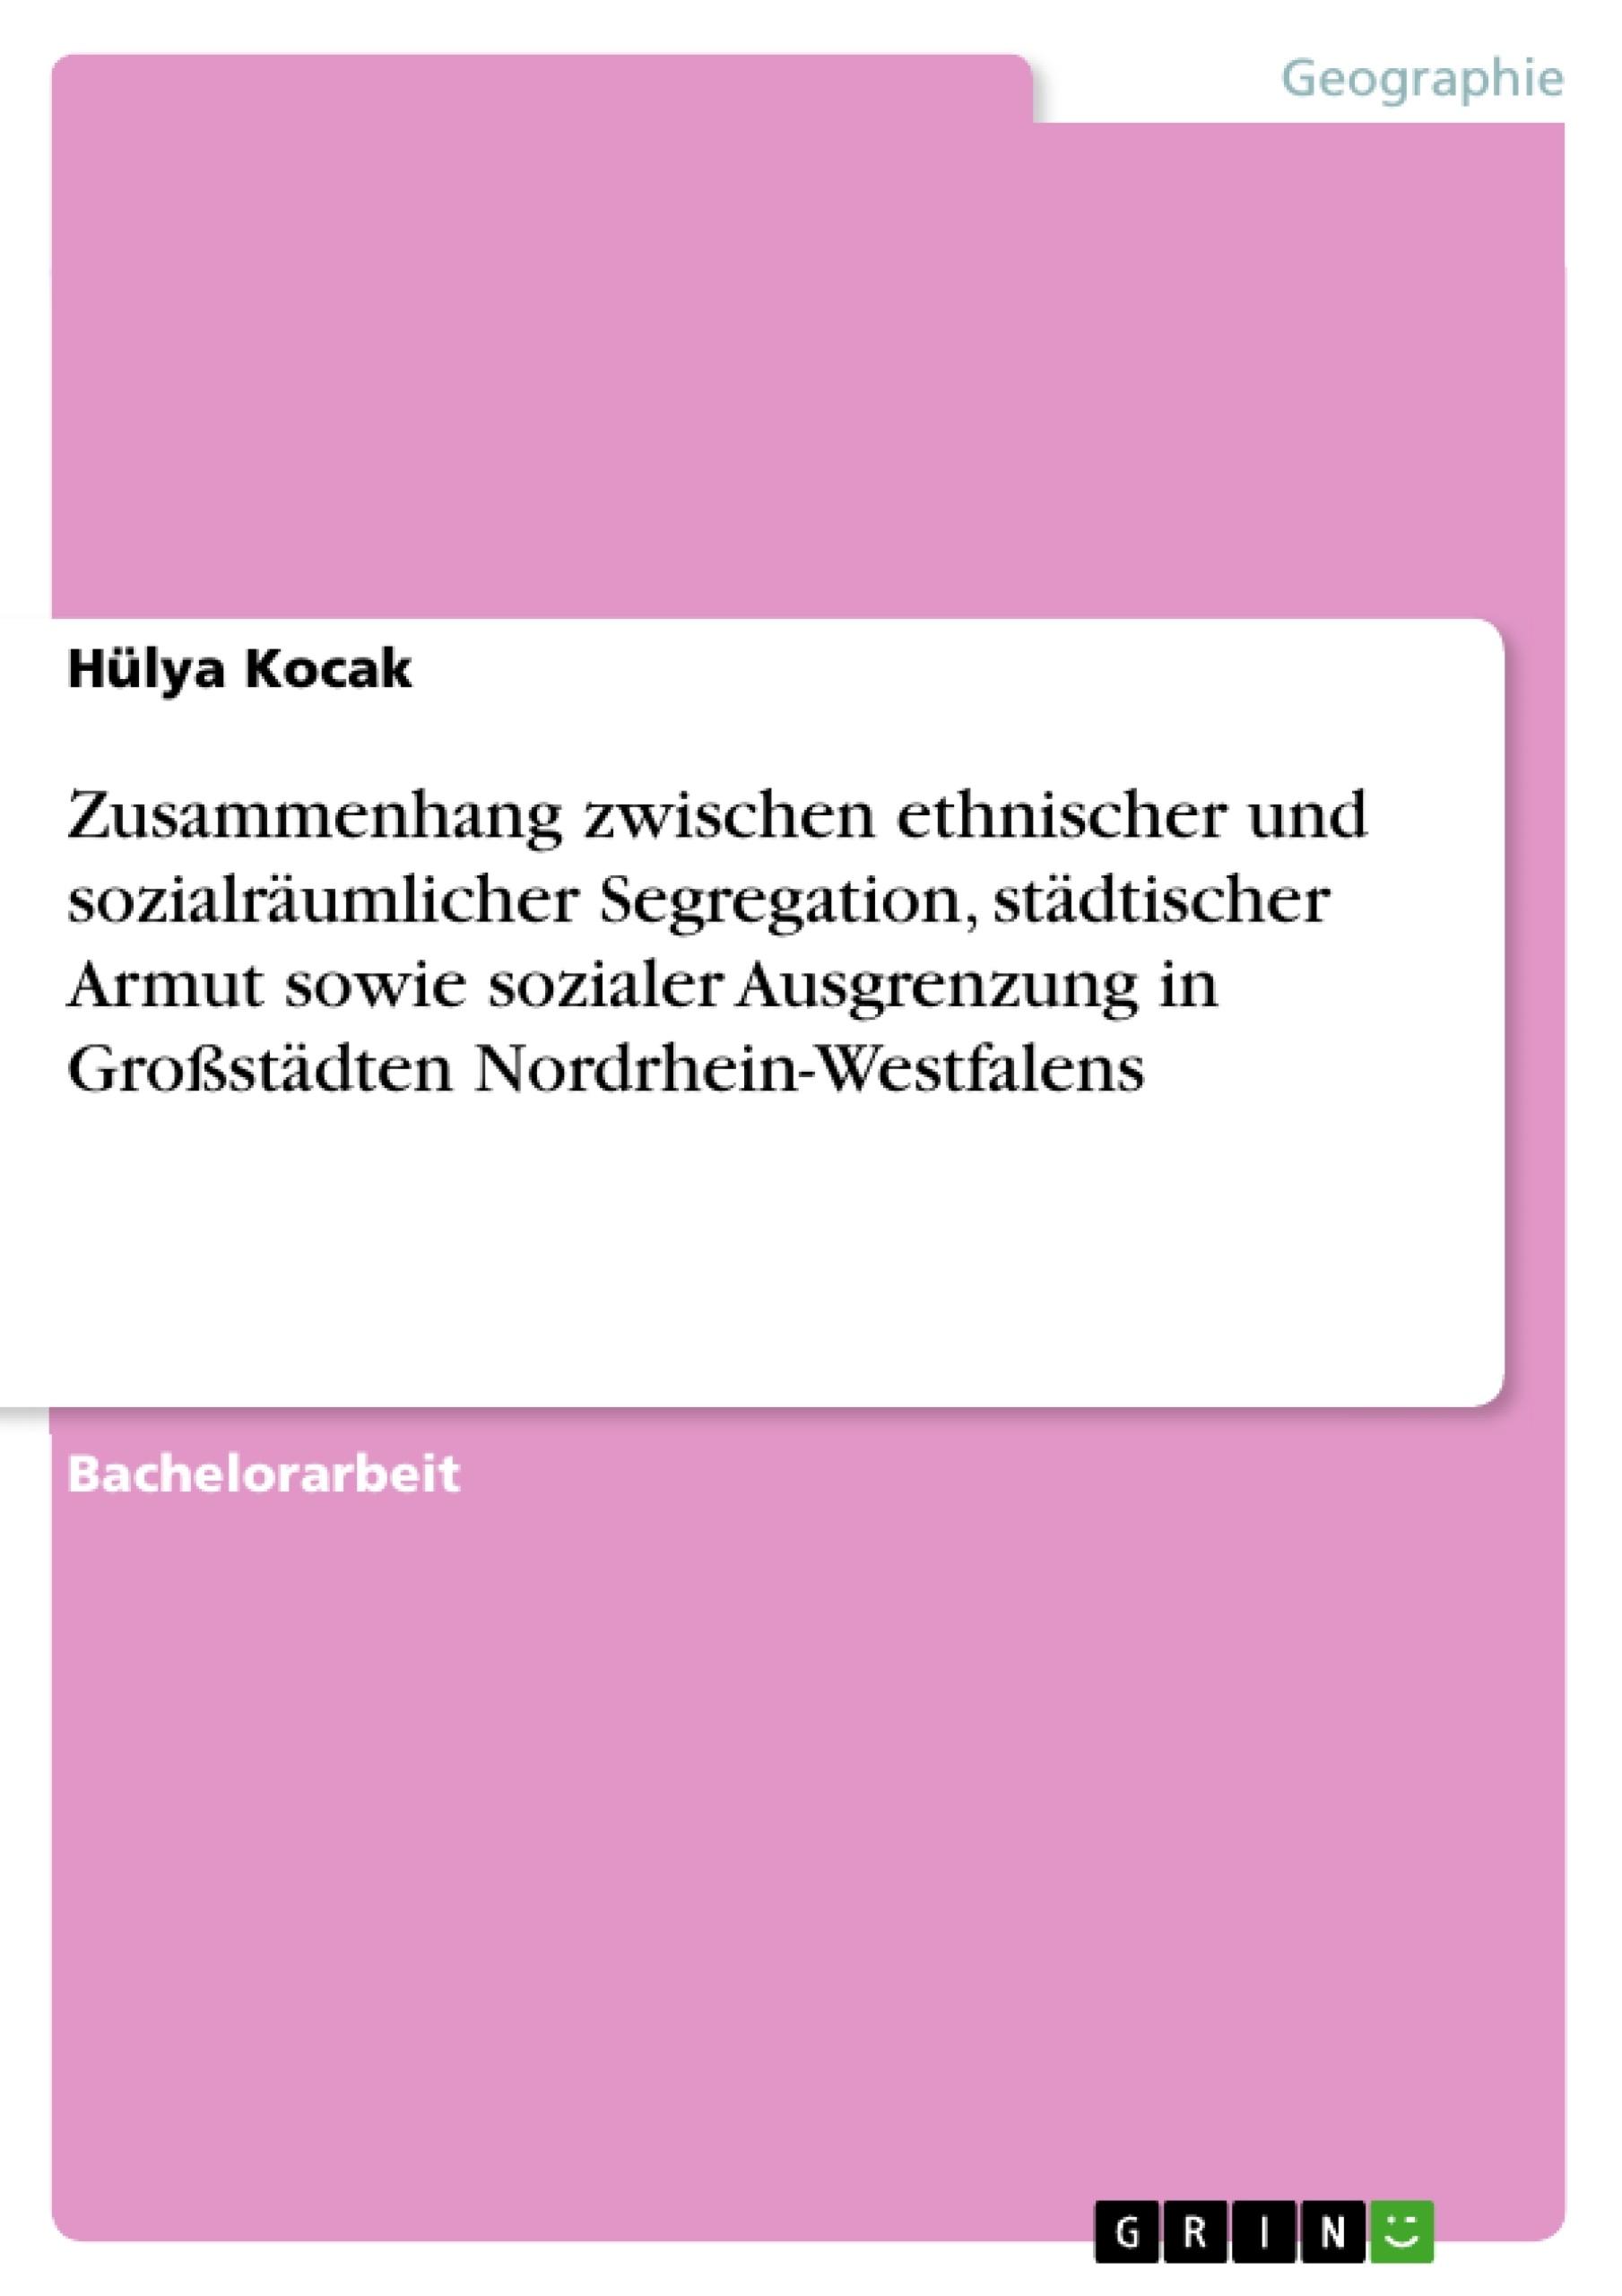 Titel: Zusammenhang zwischen ethnischer und sozialräumlicher Segregation, städtischer Armut sowie sozialer Ausgrenzung in Großstädten Nordrhein-Westfalens